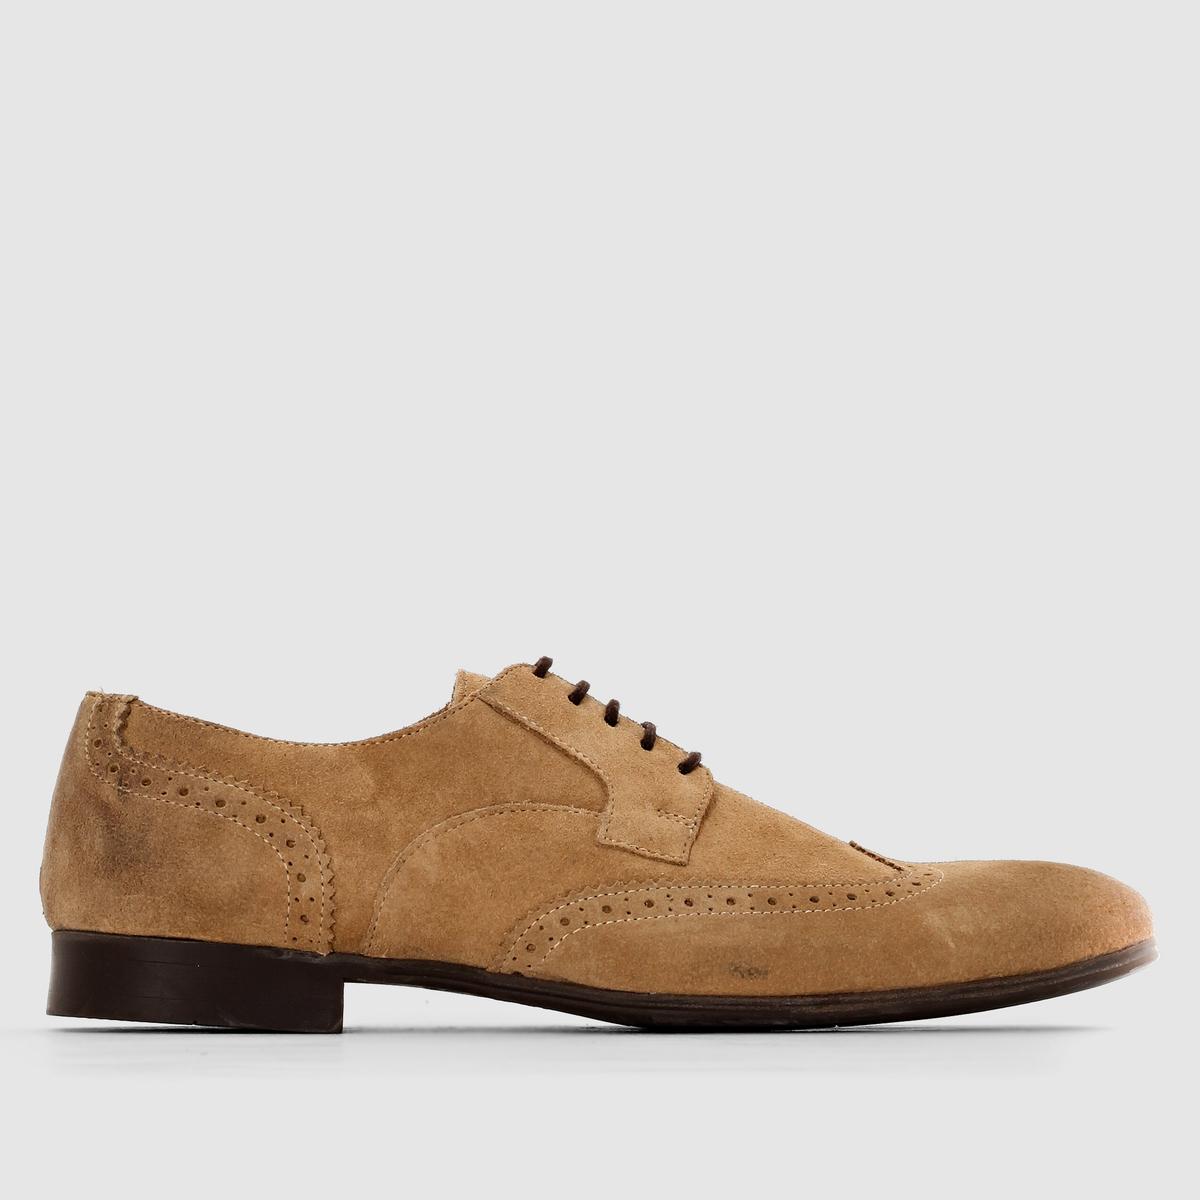 Ботинки-дерби из замши SELECTED LATONБотинки-дерби из замши, на шнуровке, LATON de SELECTED.Верх: замша (яловичная кожа)Подкладка: кожаСтелька: кожаПодошва : каучукЗастежка : шнуровка Замечательная современная модель из натуральной замши, изготовлена в Португалии : Невозможно устоять перед стилем brogue, особенно если это элегантная обувь от Selected !<br><br>Цвет: бежевый,темно-синий<br>Размер: 41.41